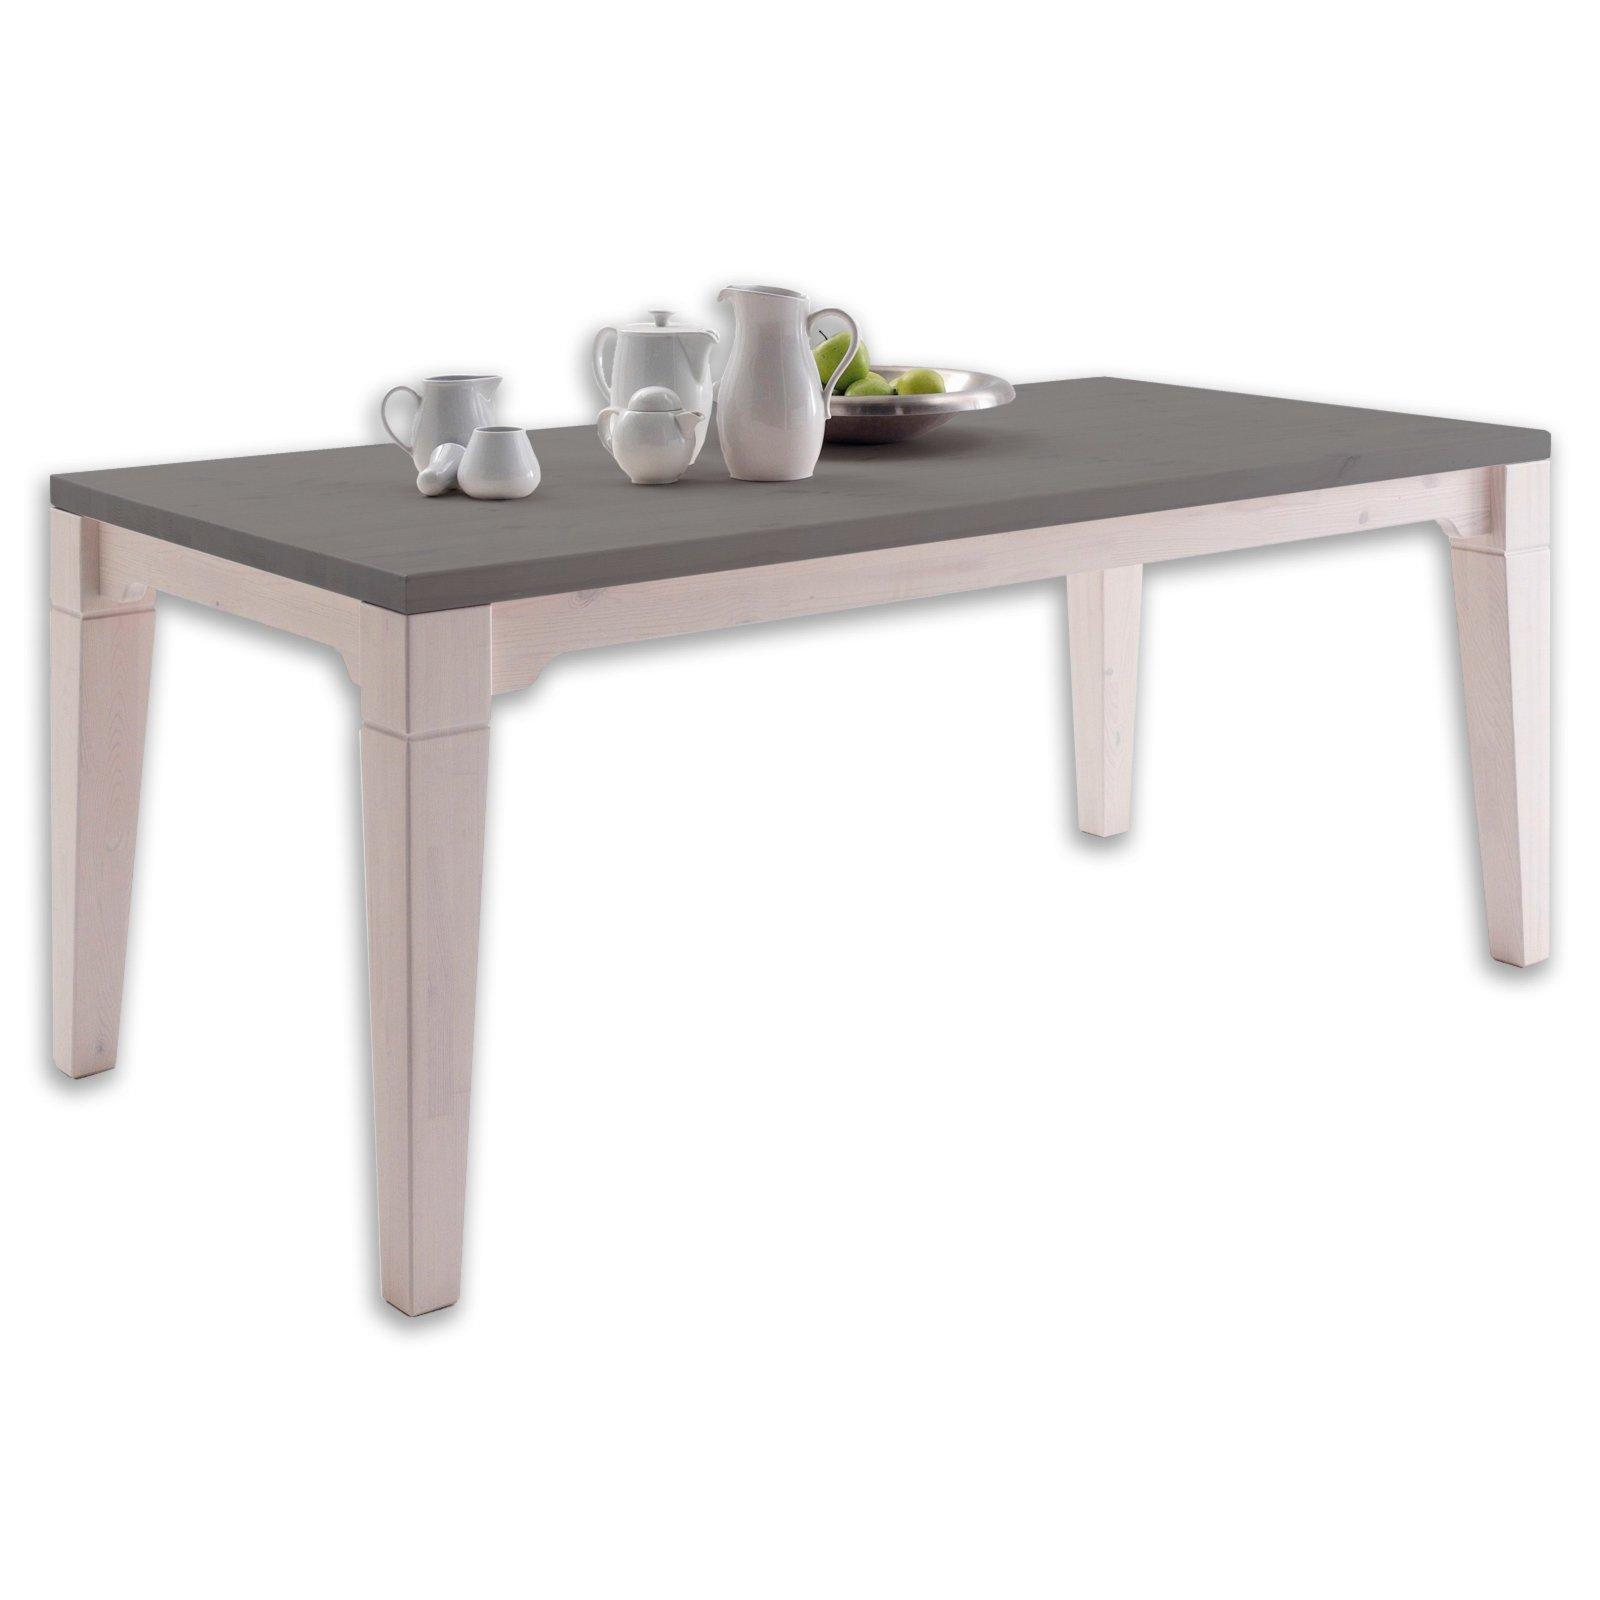 Schön Esstisch Klein Ausziehbar Dekoration Von Küchentisch Tisch Küche Esszimmer Holztisch Eiche Holz